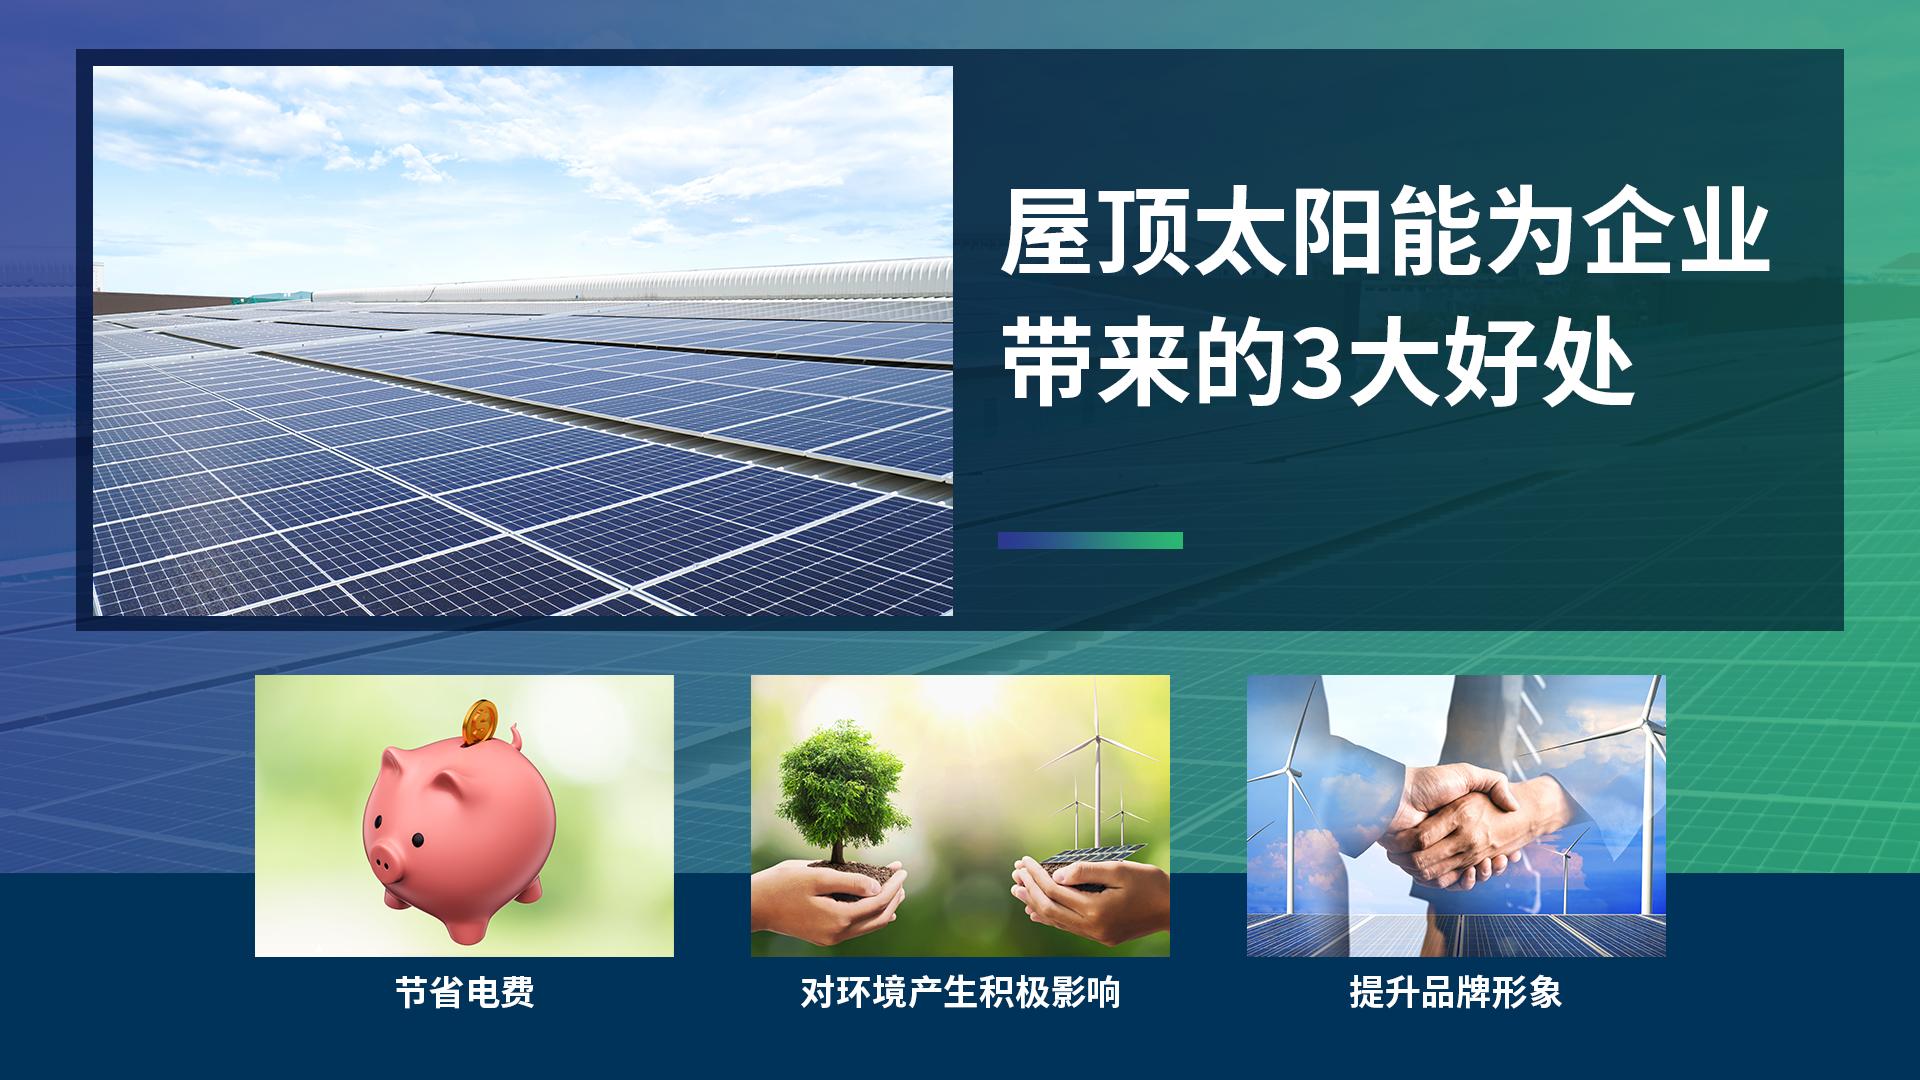 屋顶太阳能为企业带来的3大好处